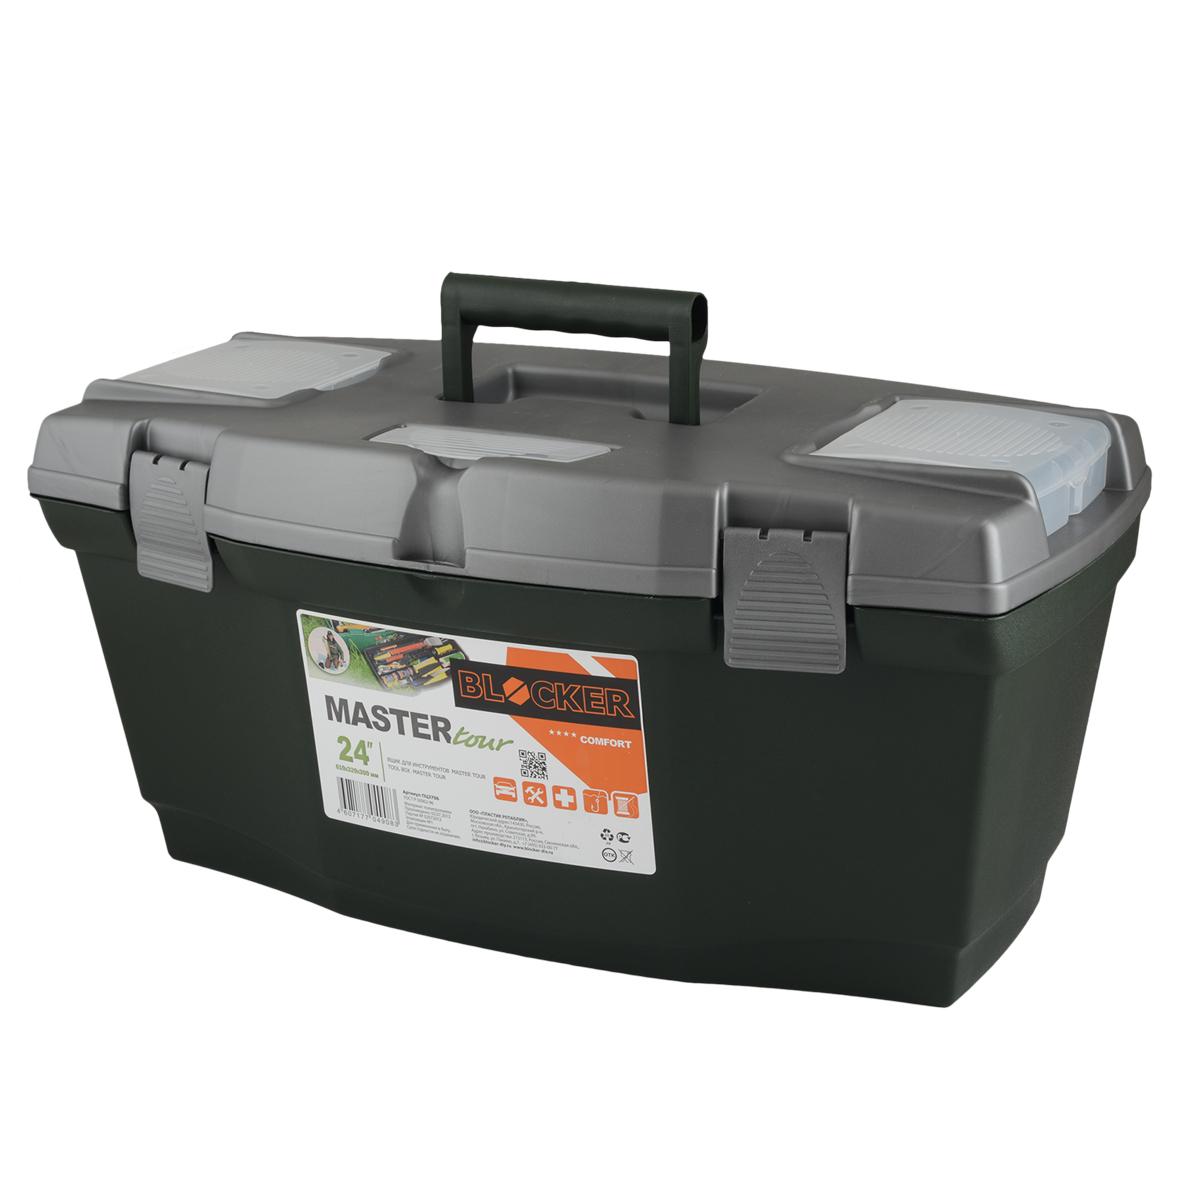 Ящик для инструментов Blocker Master Tour, цвет: темно-зеленый, 610 х 320 х 300 мм44770Многофункциональный ящик Blocker Master Tour отлично подходит для хранения небольших рыболовных и охотничьих принадлежностей, может быть использован для переноски мангала, посуды и многих вещей, которые могут понадобиться на отдыхе или в путешествии. Ящик имеет надежные замки и встроенные органайзеры в крышке для размещения мелких деталей.